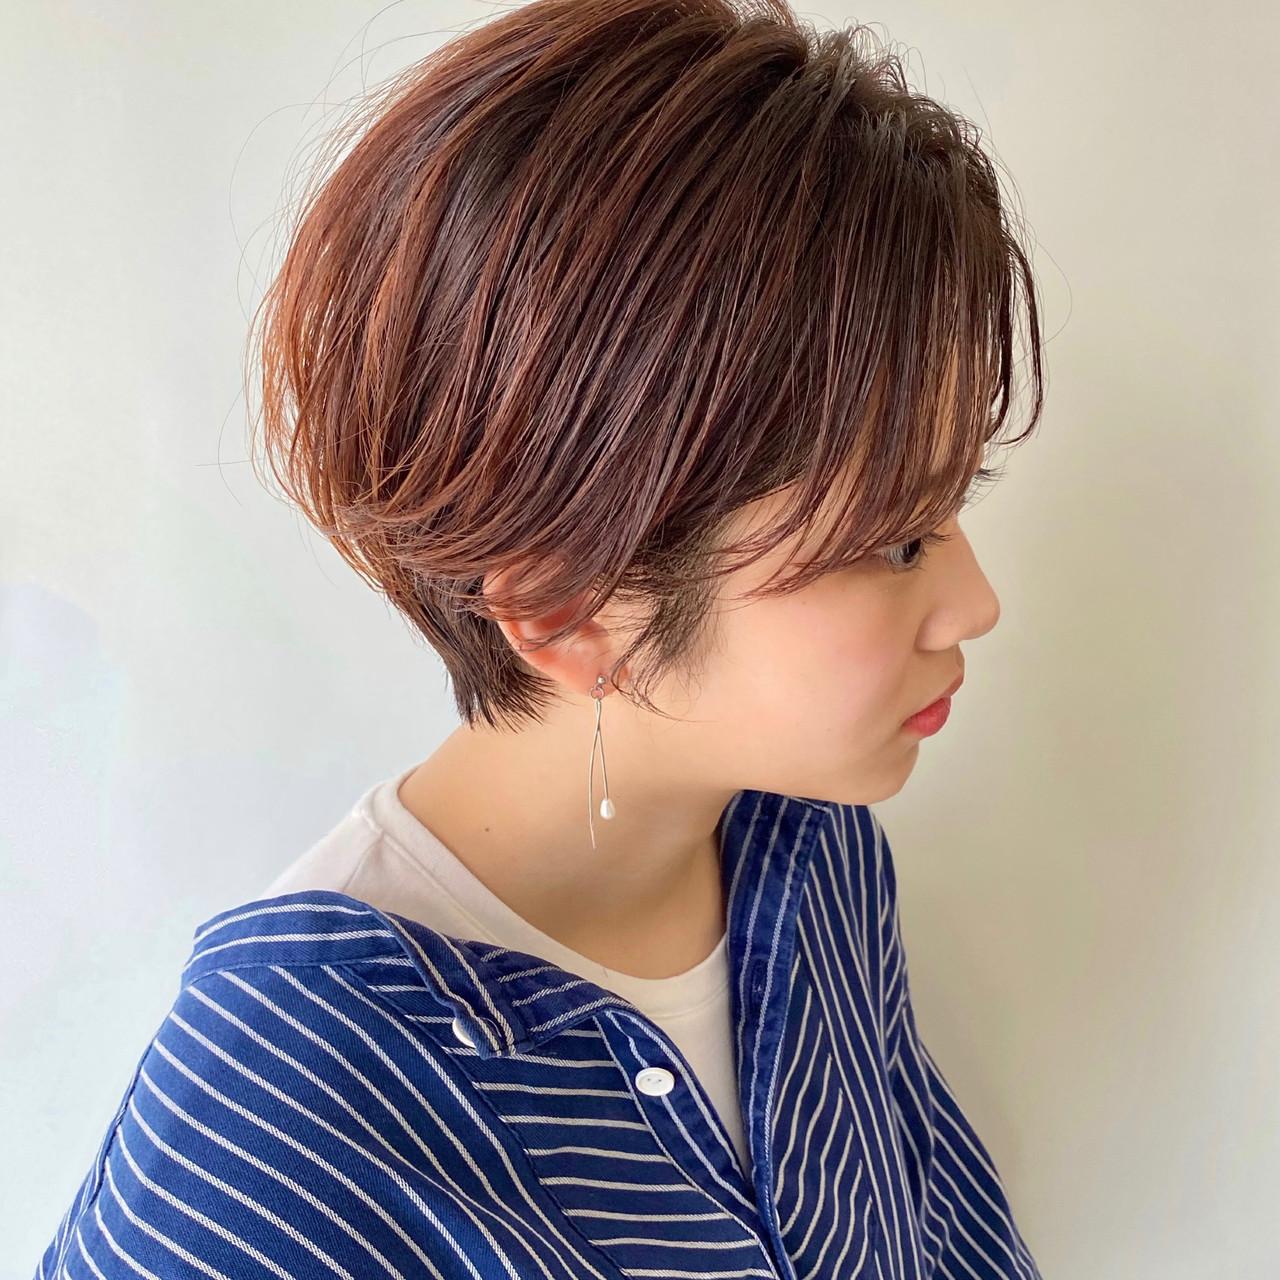 ショート ショートボブ ナチュラル ショートヘア ヘアスタイルや髪型の写真・画像 | 【ショート&ショートボブはお任せください】淺川聖 / parc sapporo